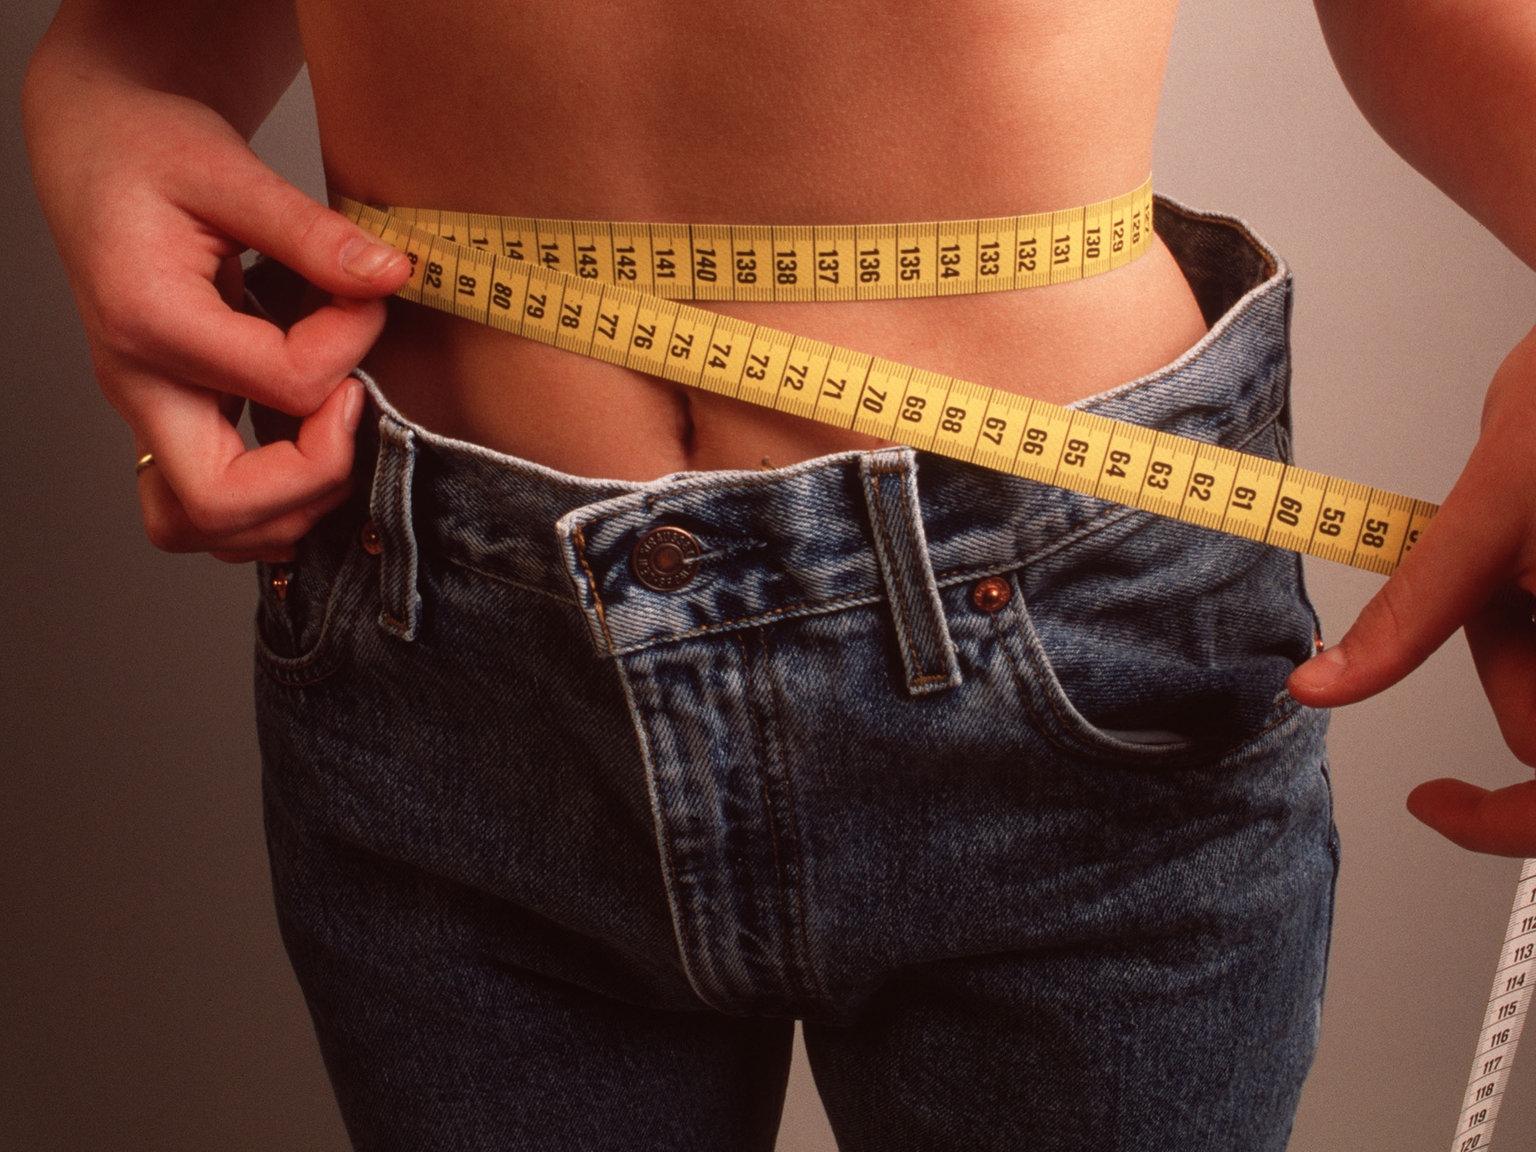 Bauch magersucht dicker Blähbauch Magersucht